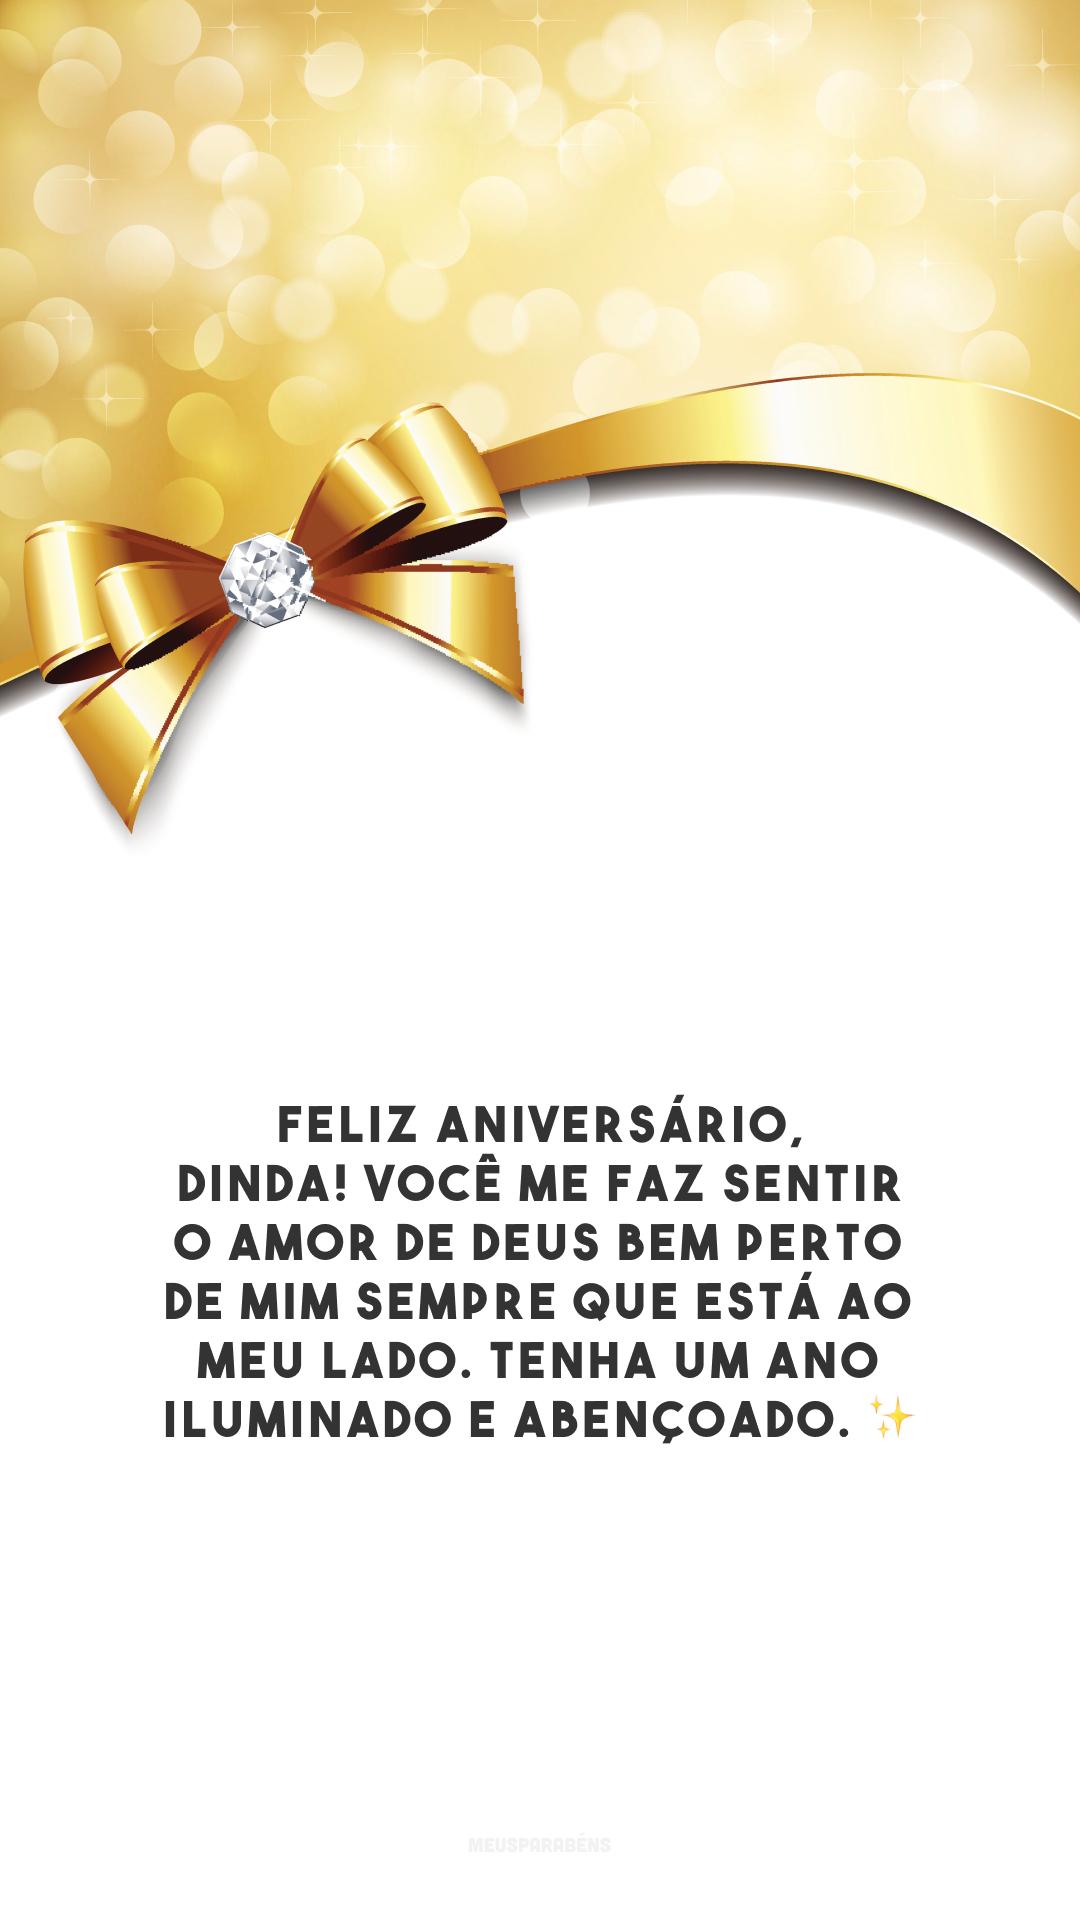 Feliz aniversário, dinda! Você me faz sentir o amor de Deus bem perto de mim sempre que está ao meu lado. Tenha um ano iluminado e abençoado. ✨